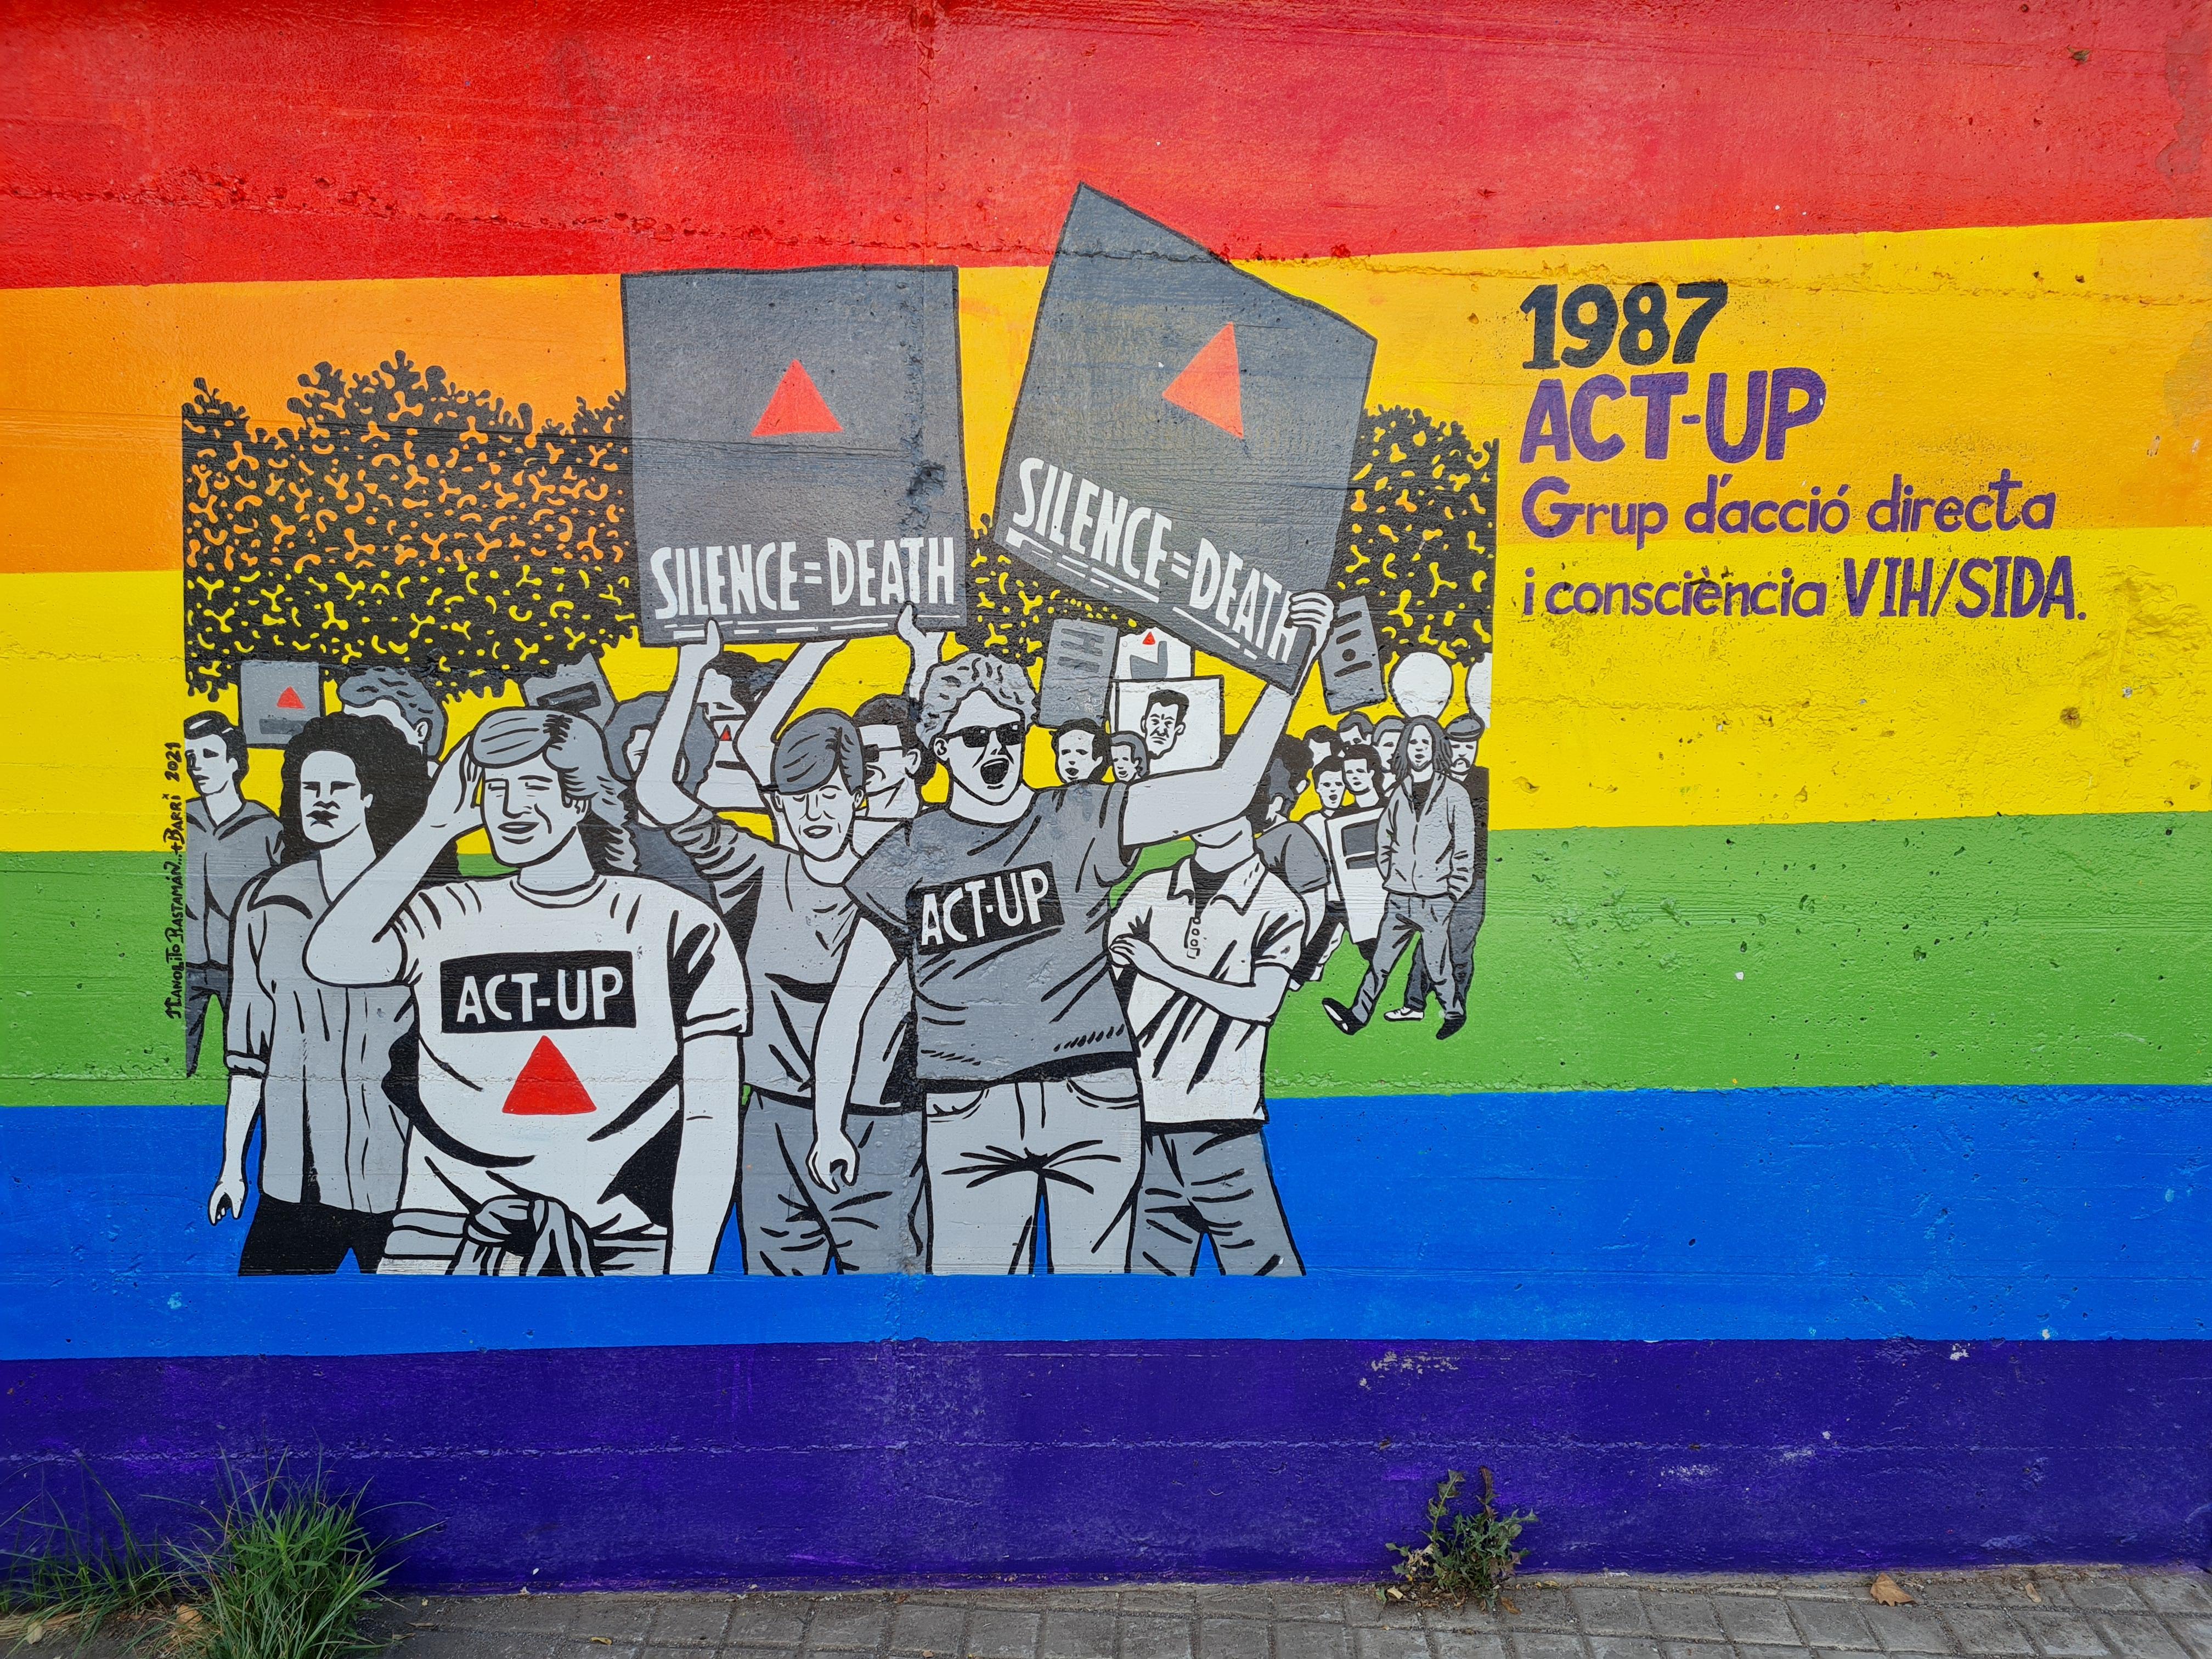 ACT-UP lluitant en solidaritat amb les persones malaltes de la sida